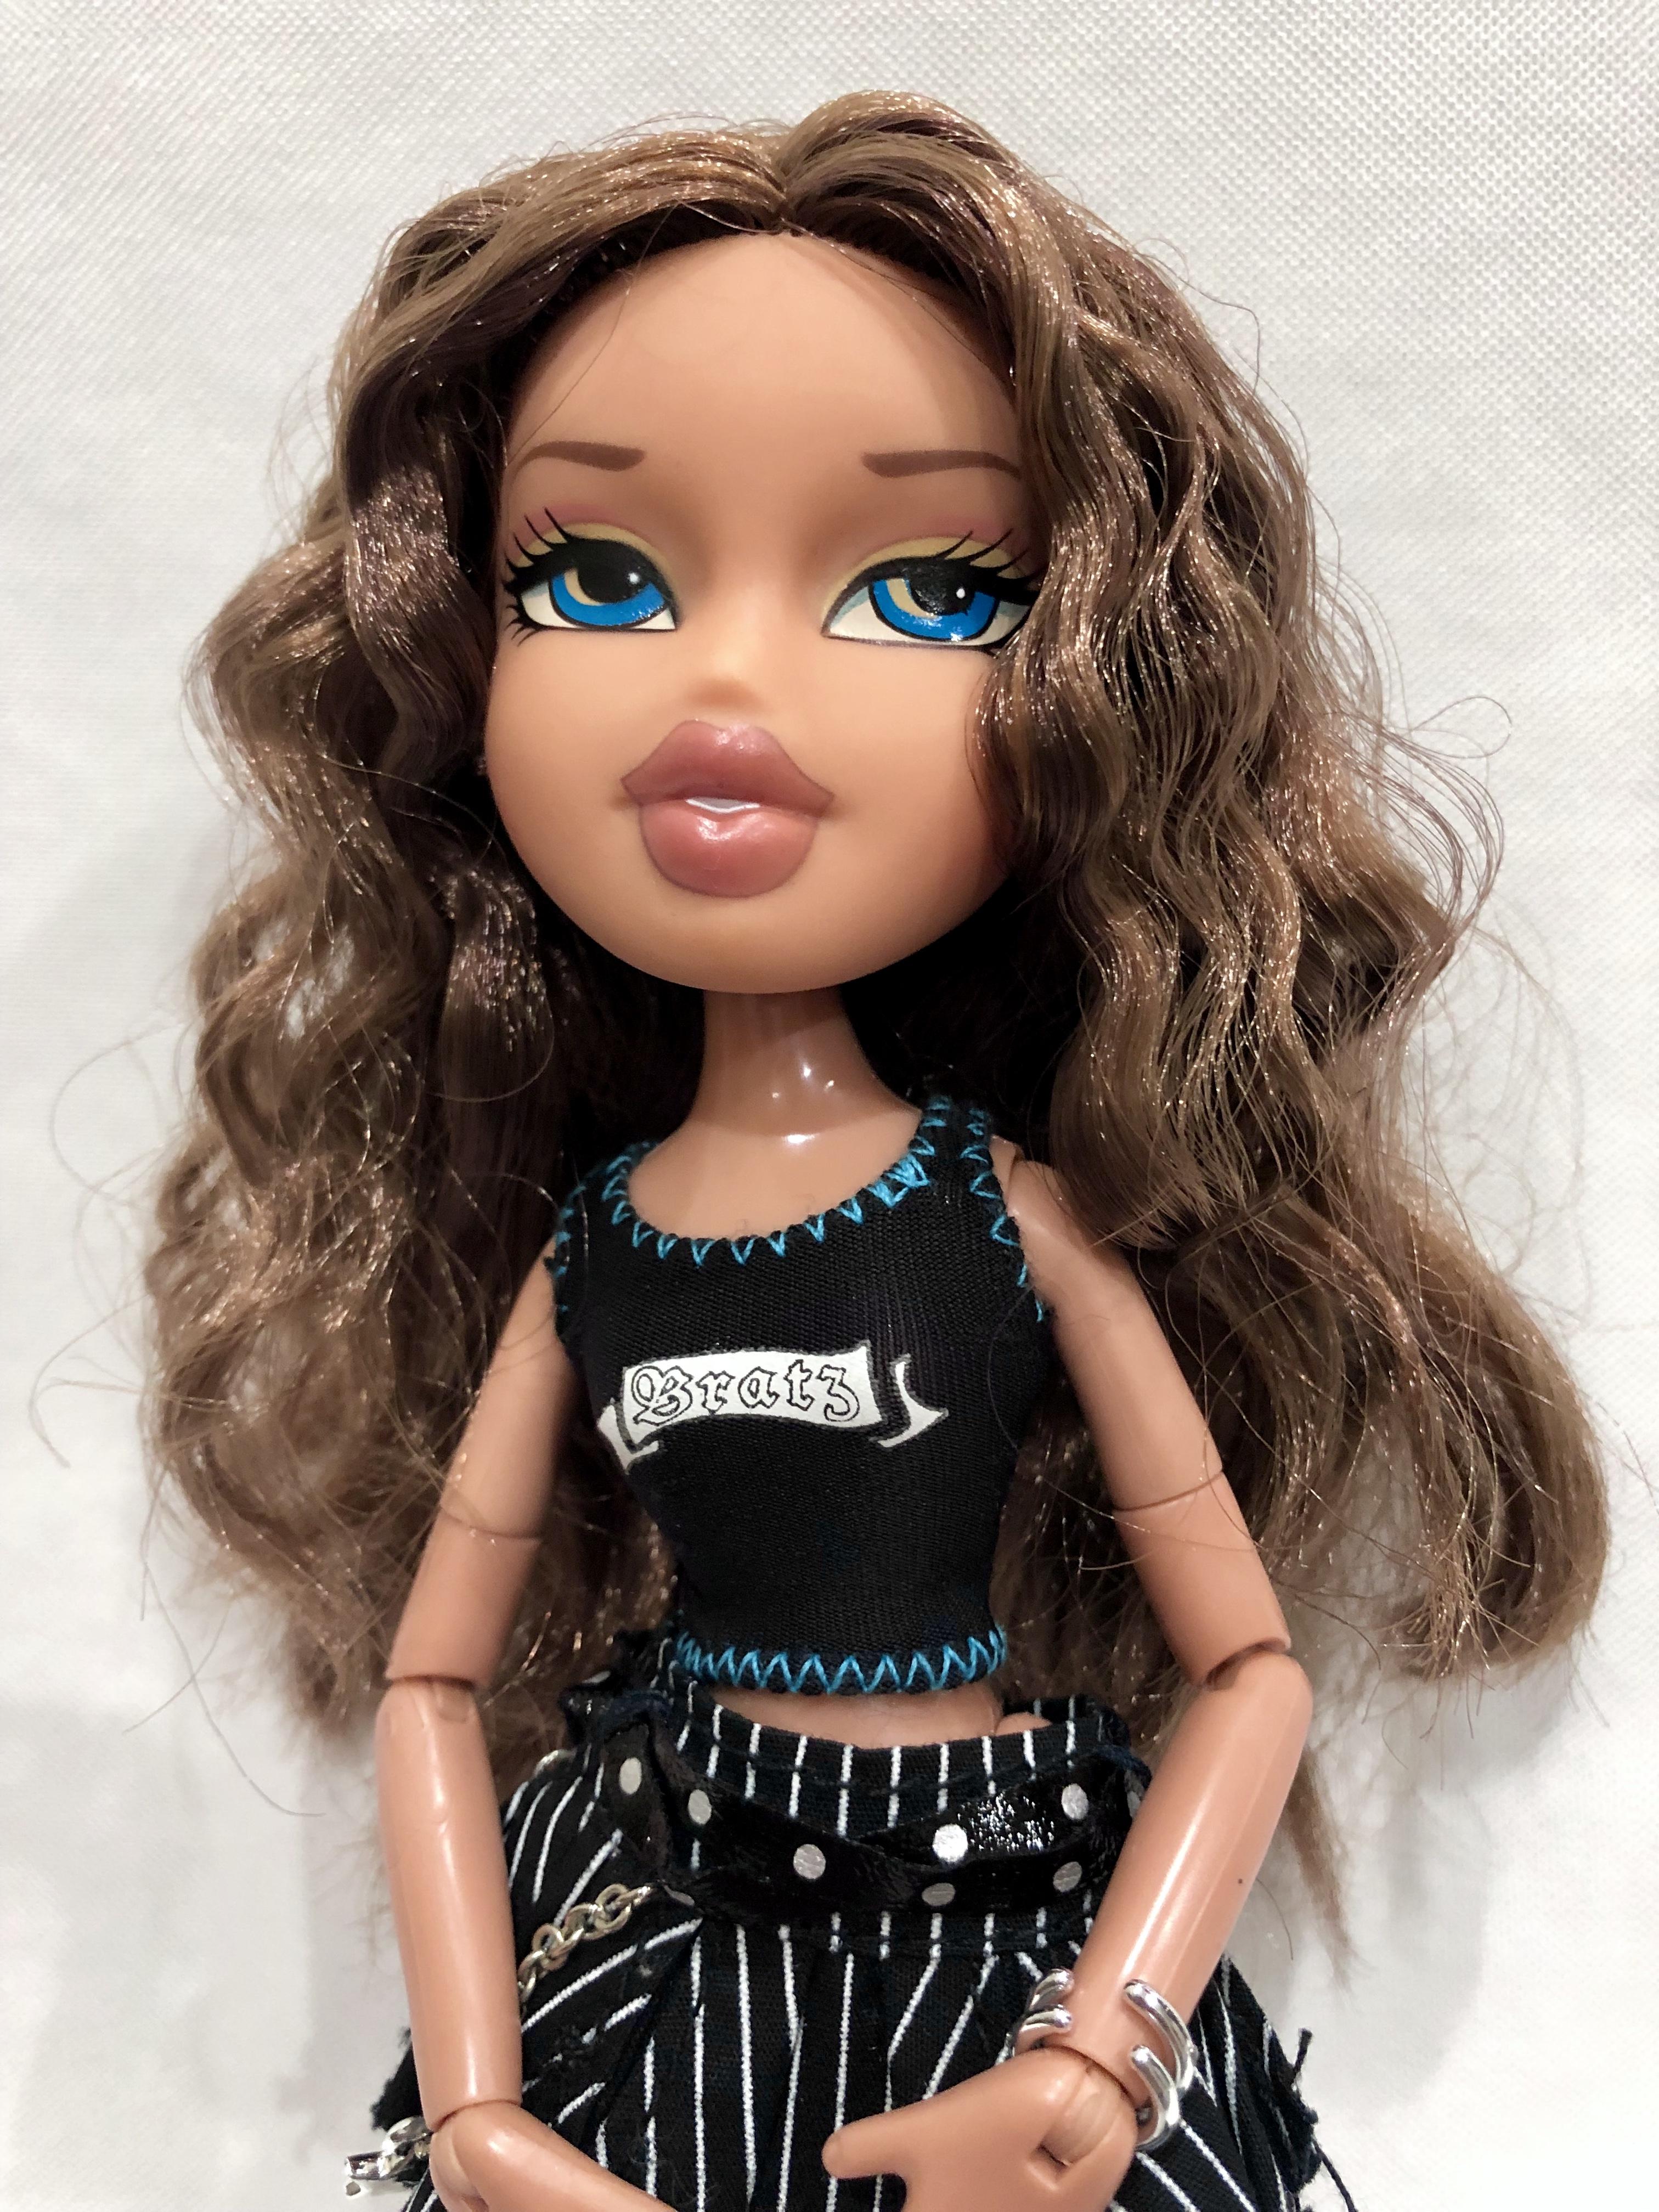 Dolls   The Pretty Doll